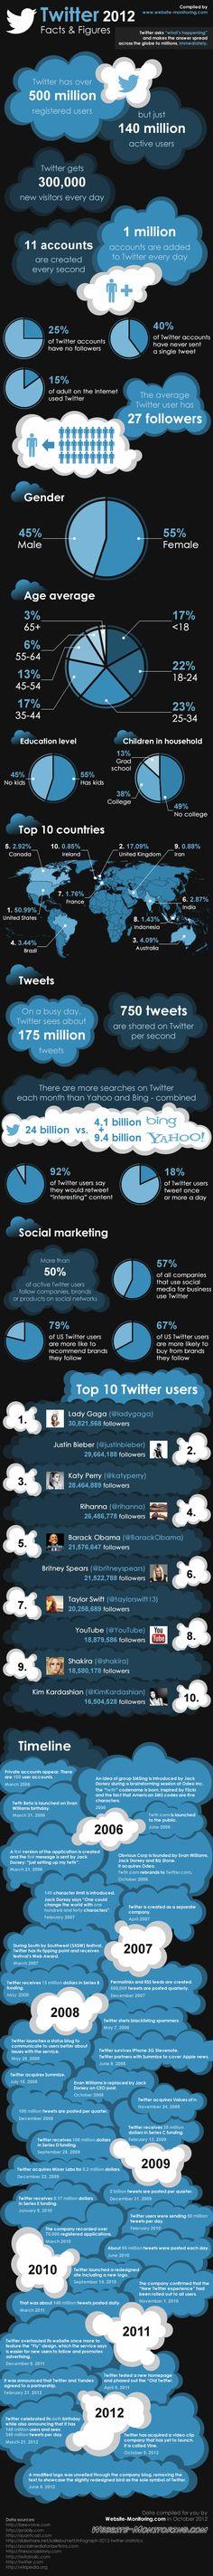 Infográfico revela números estatísticas do twitter em 2012